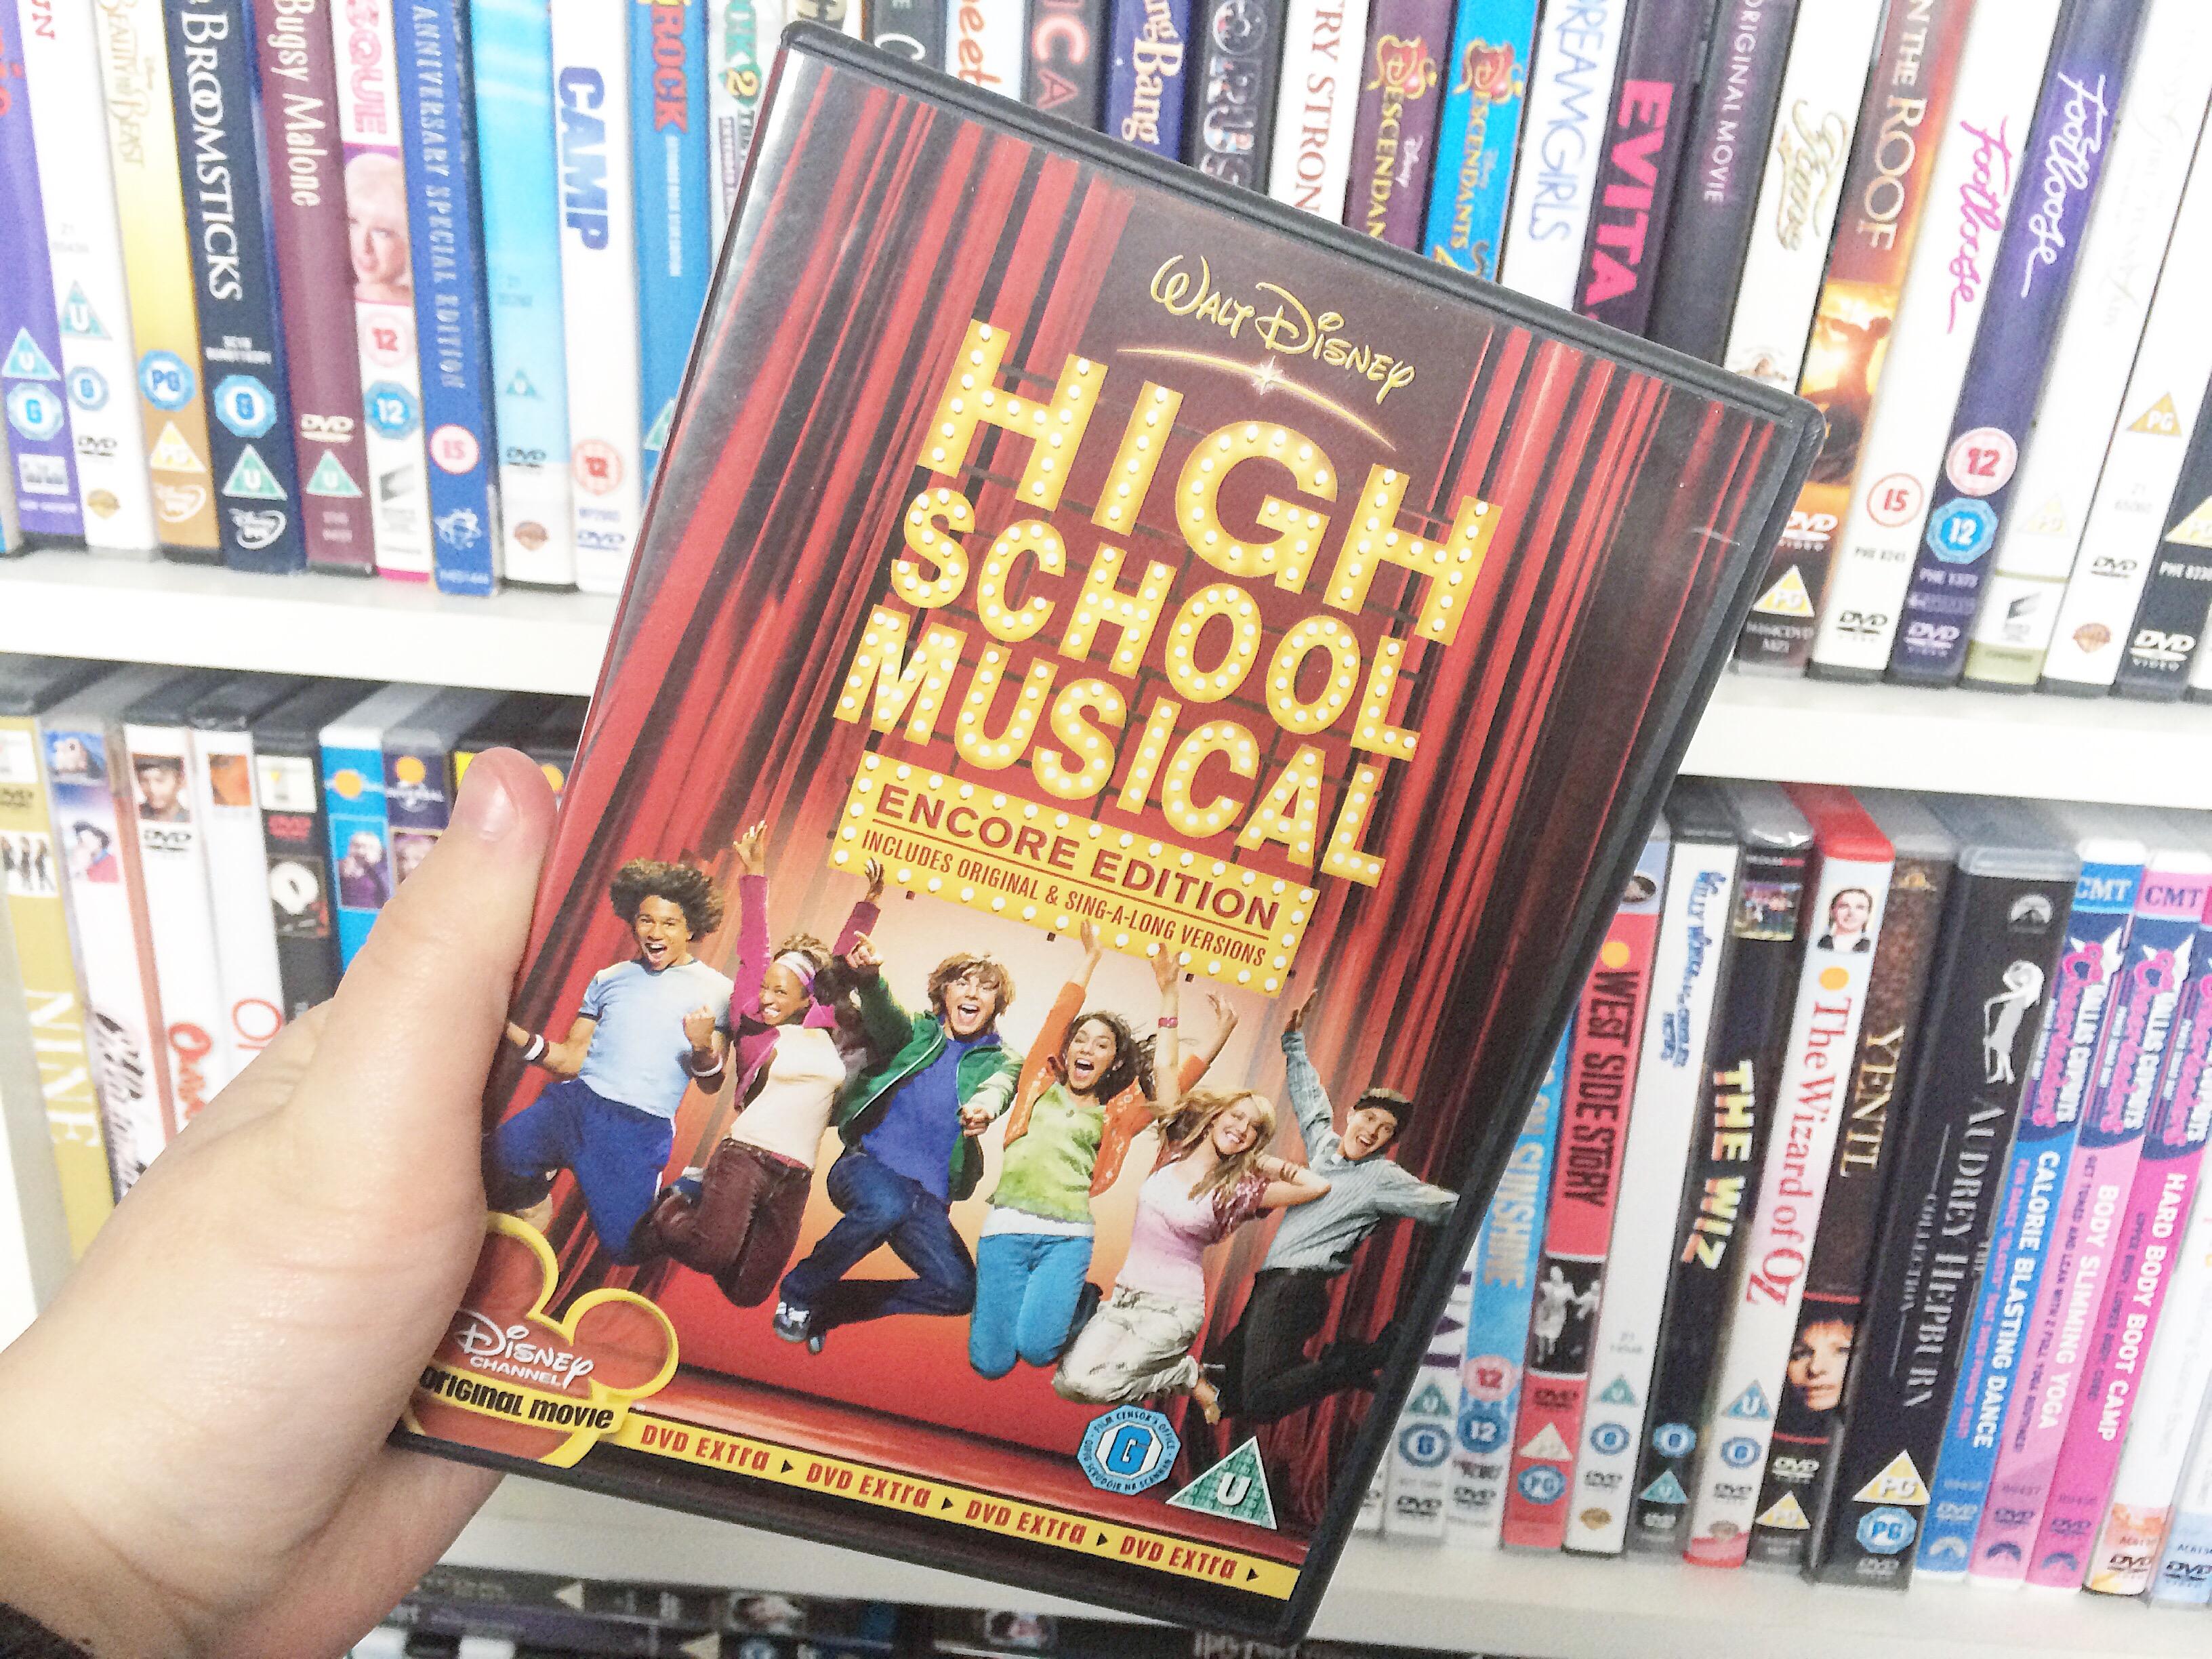 favourite-movie-musicals-hsm